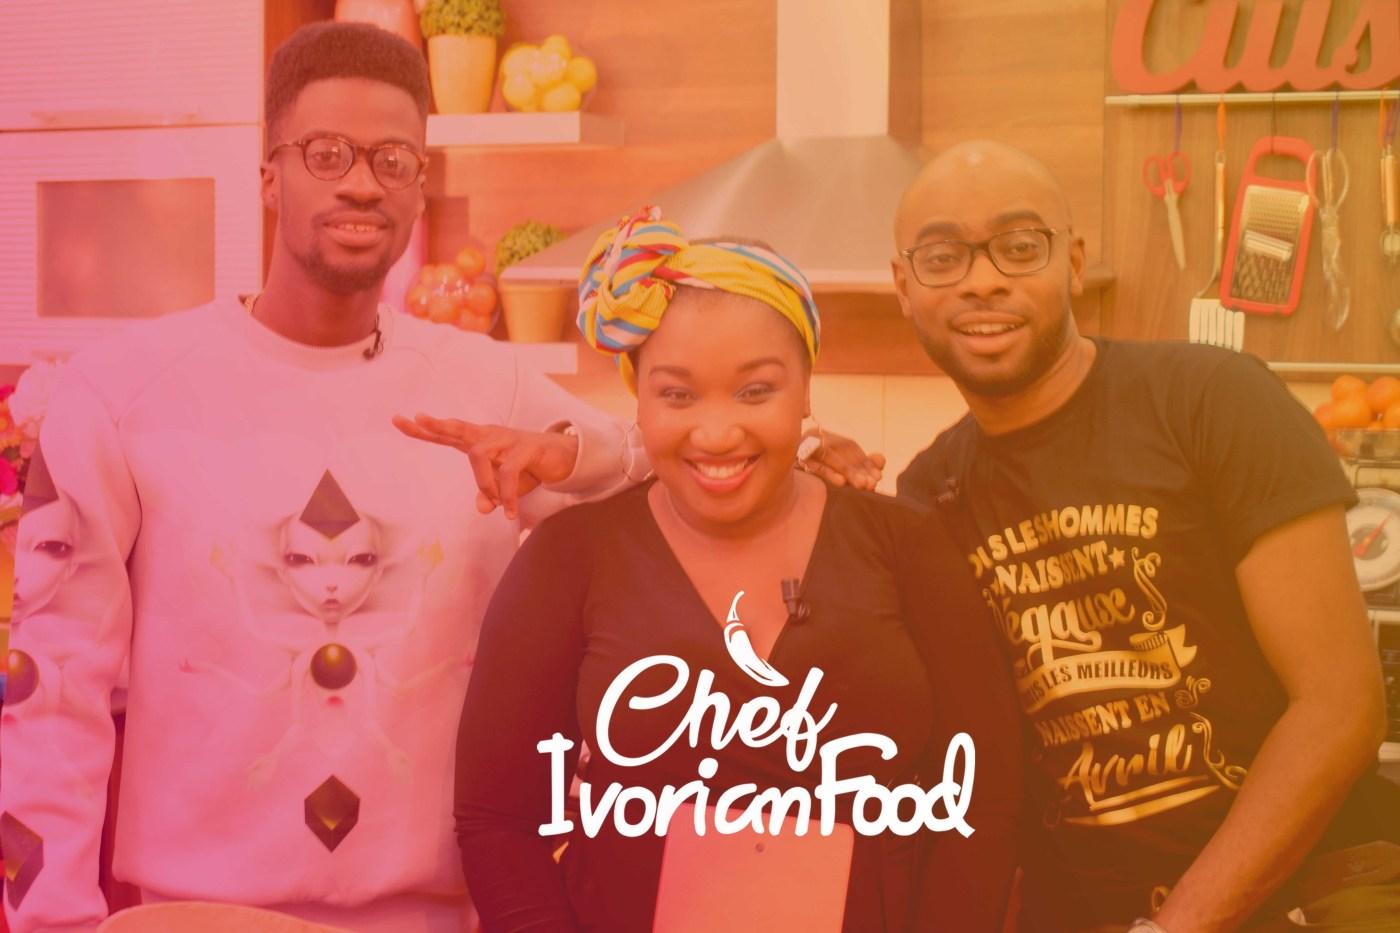 Il était une fois, Ivorian Food et Chef Ivorian Food, cote d'ivoire, Ivorian food, web serie